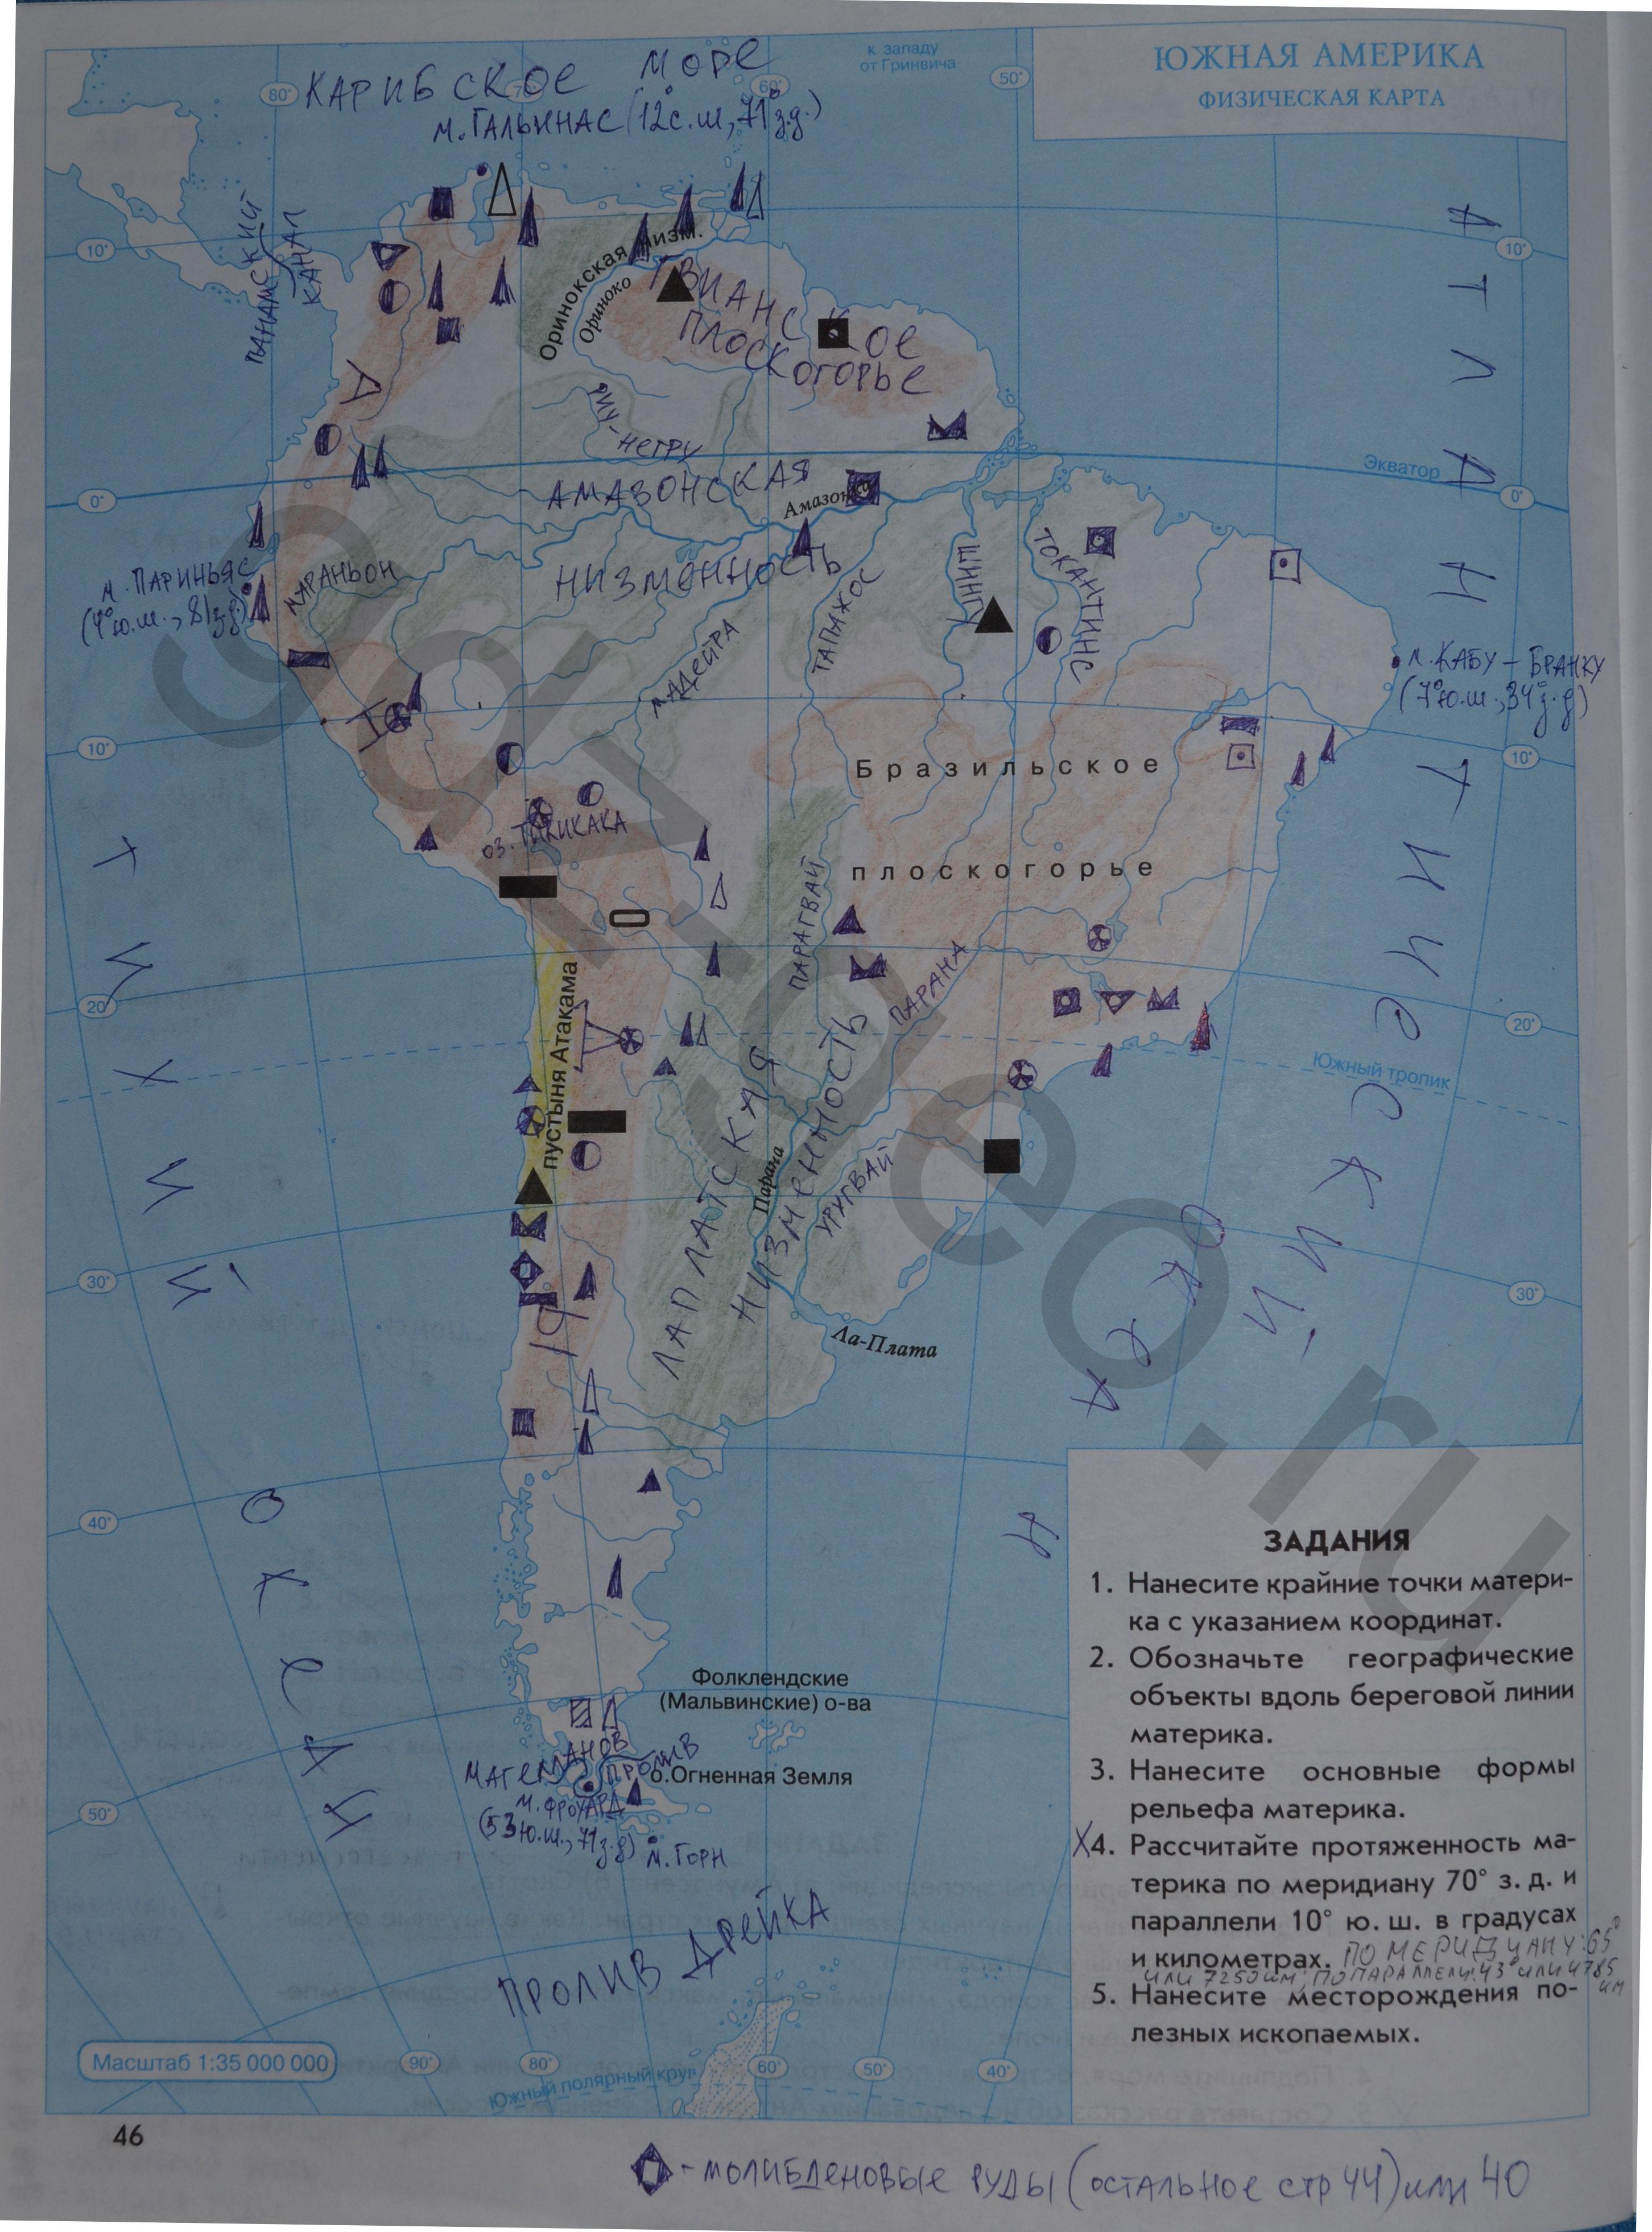 Решебник по контурной карте по географии за 10 класс брилевский смоляков